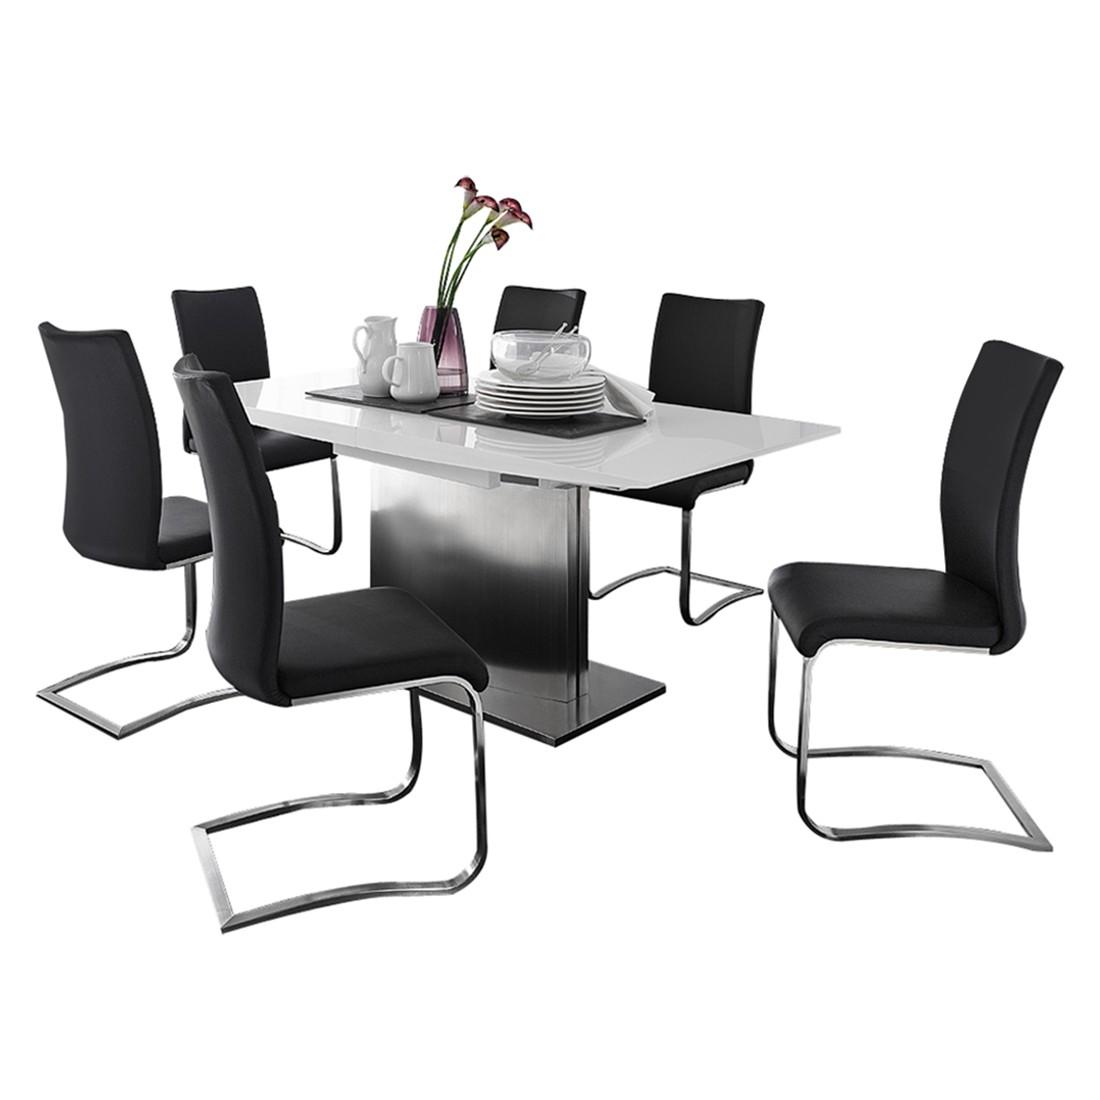 Home 24 - Ensemble de salle à manger arabella (7 éléments) - verre blanc - cuir synthétique noir, loftscape